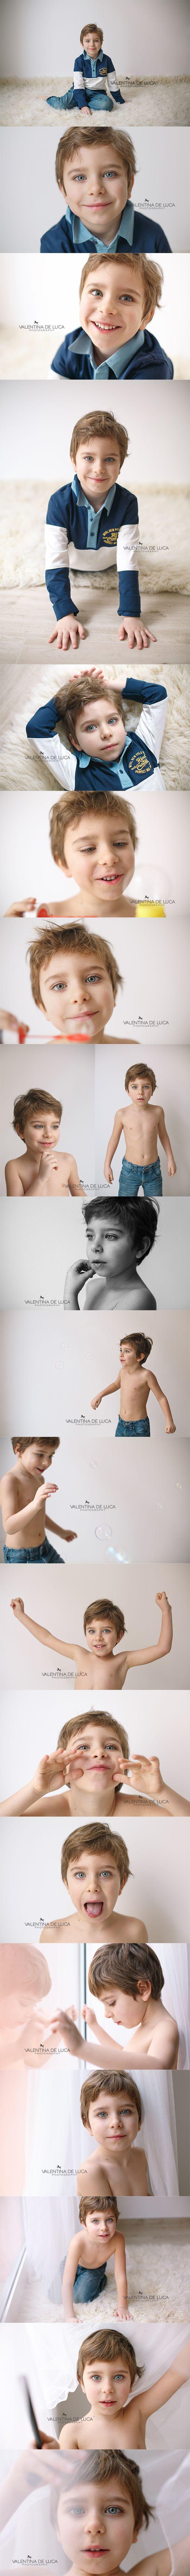 #5yearsold #child #children #session #shoot #photography #fotografia #teramo #5anni #bambini #studiofotografico #gravidanza #neonati #famiglie #fineart #teramo #sanbenedettodeltronto #pescara #ascolipiceno